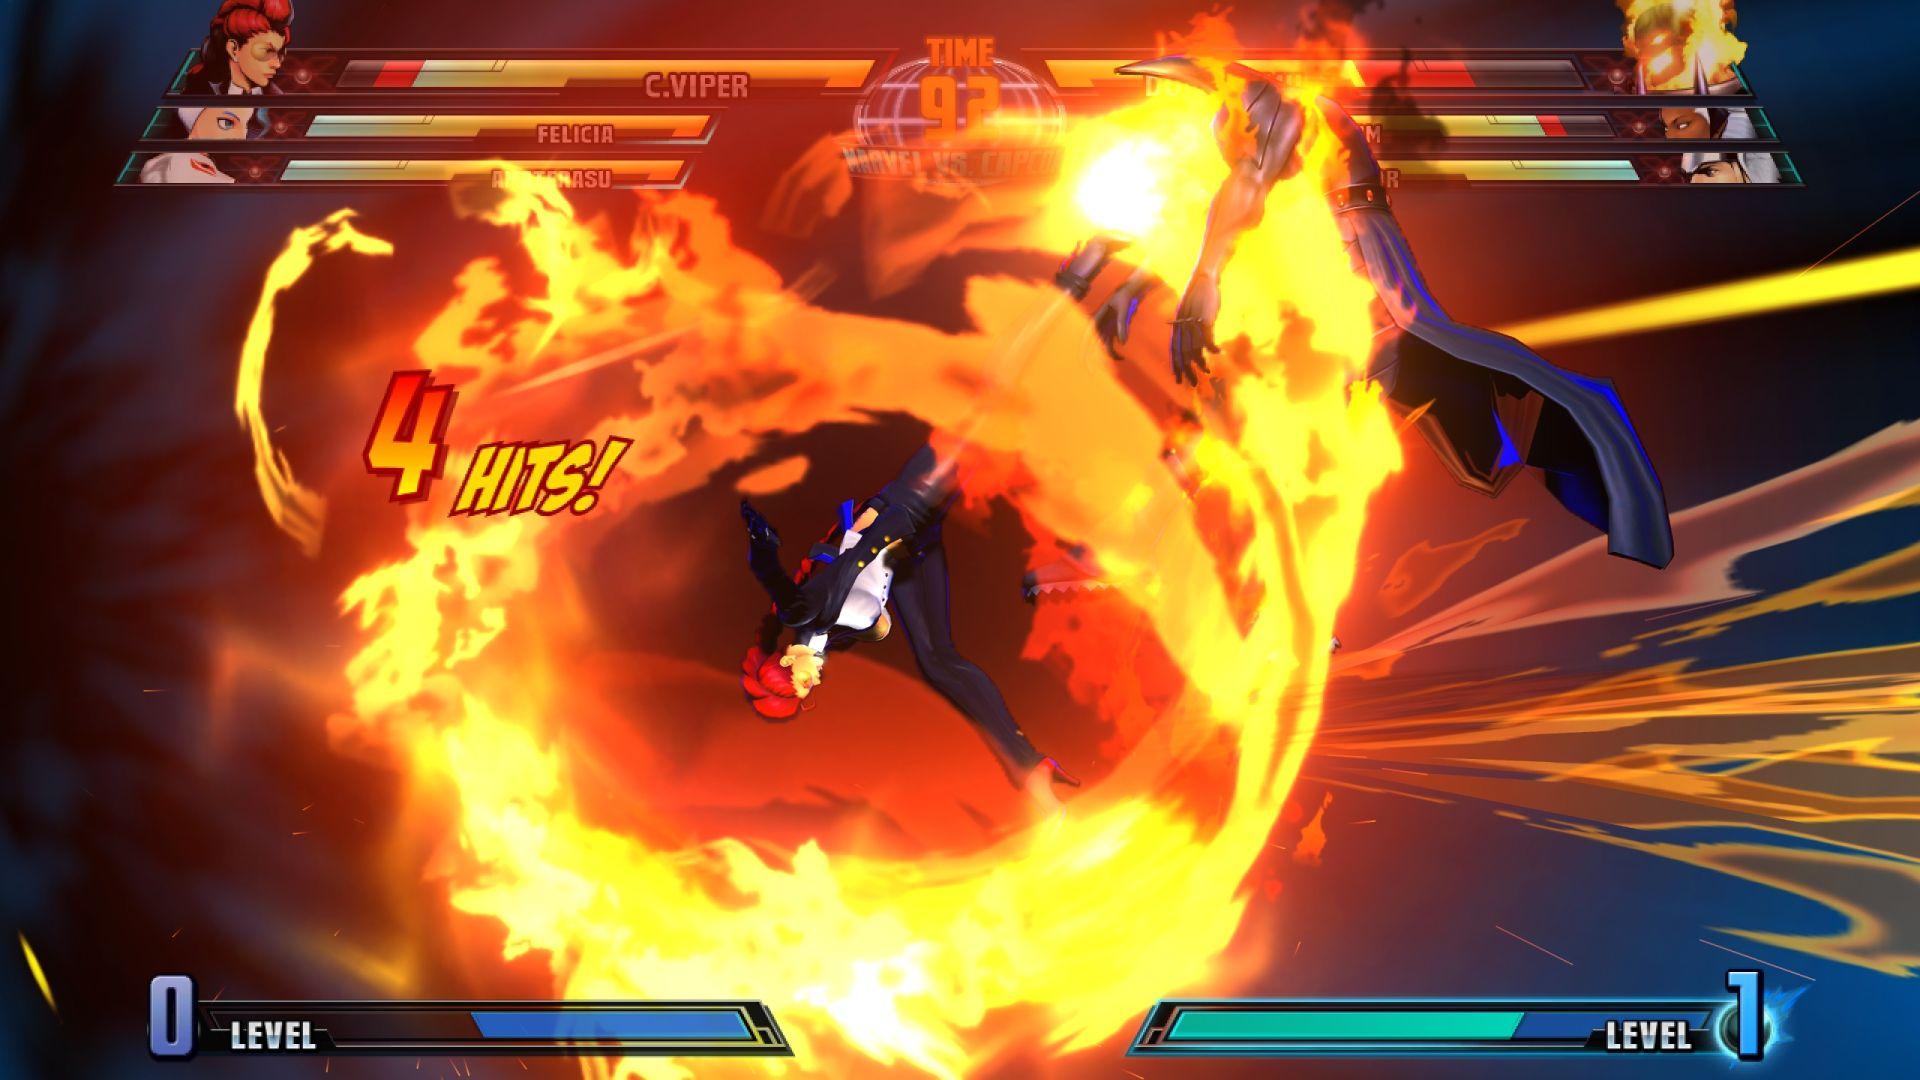 C. Viper a Storm v bojovce Marvel vs. Capcom 3 26843